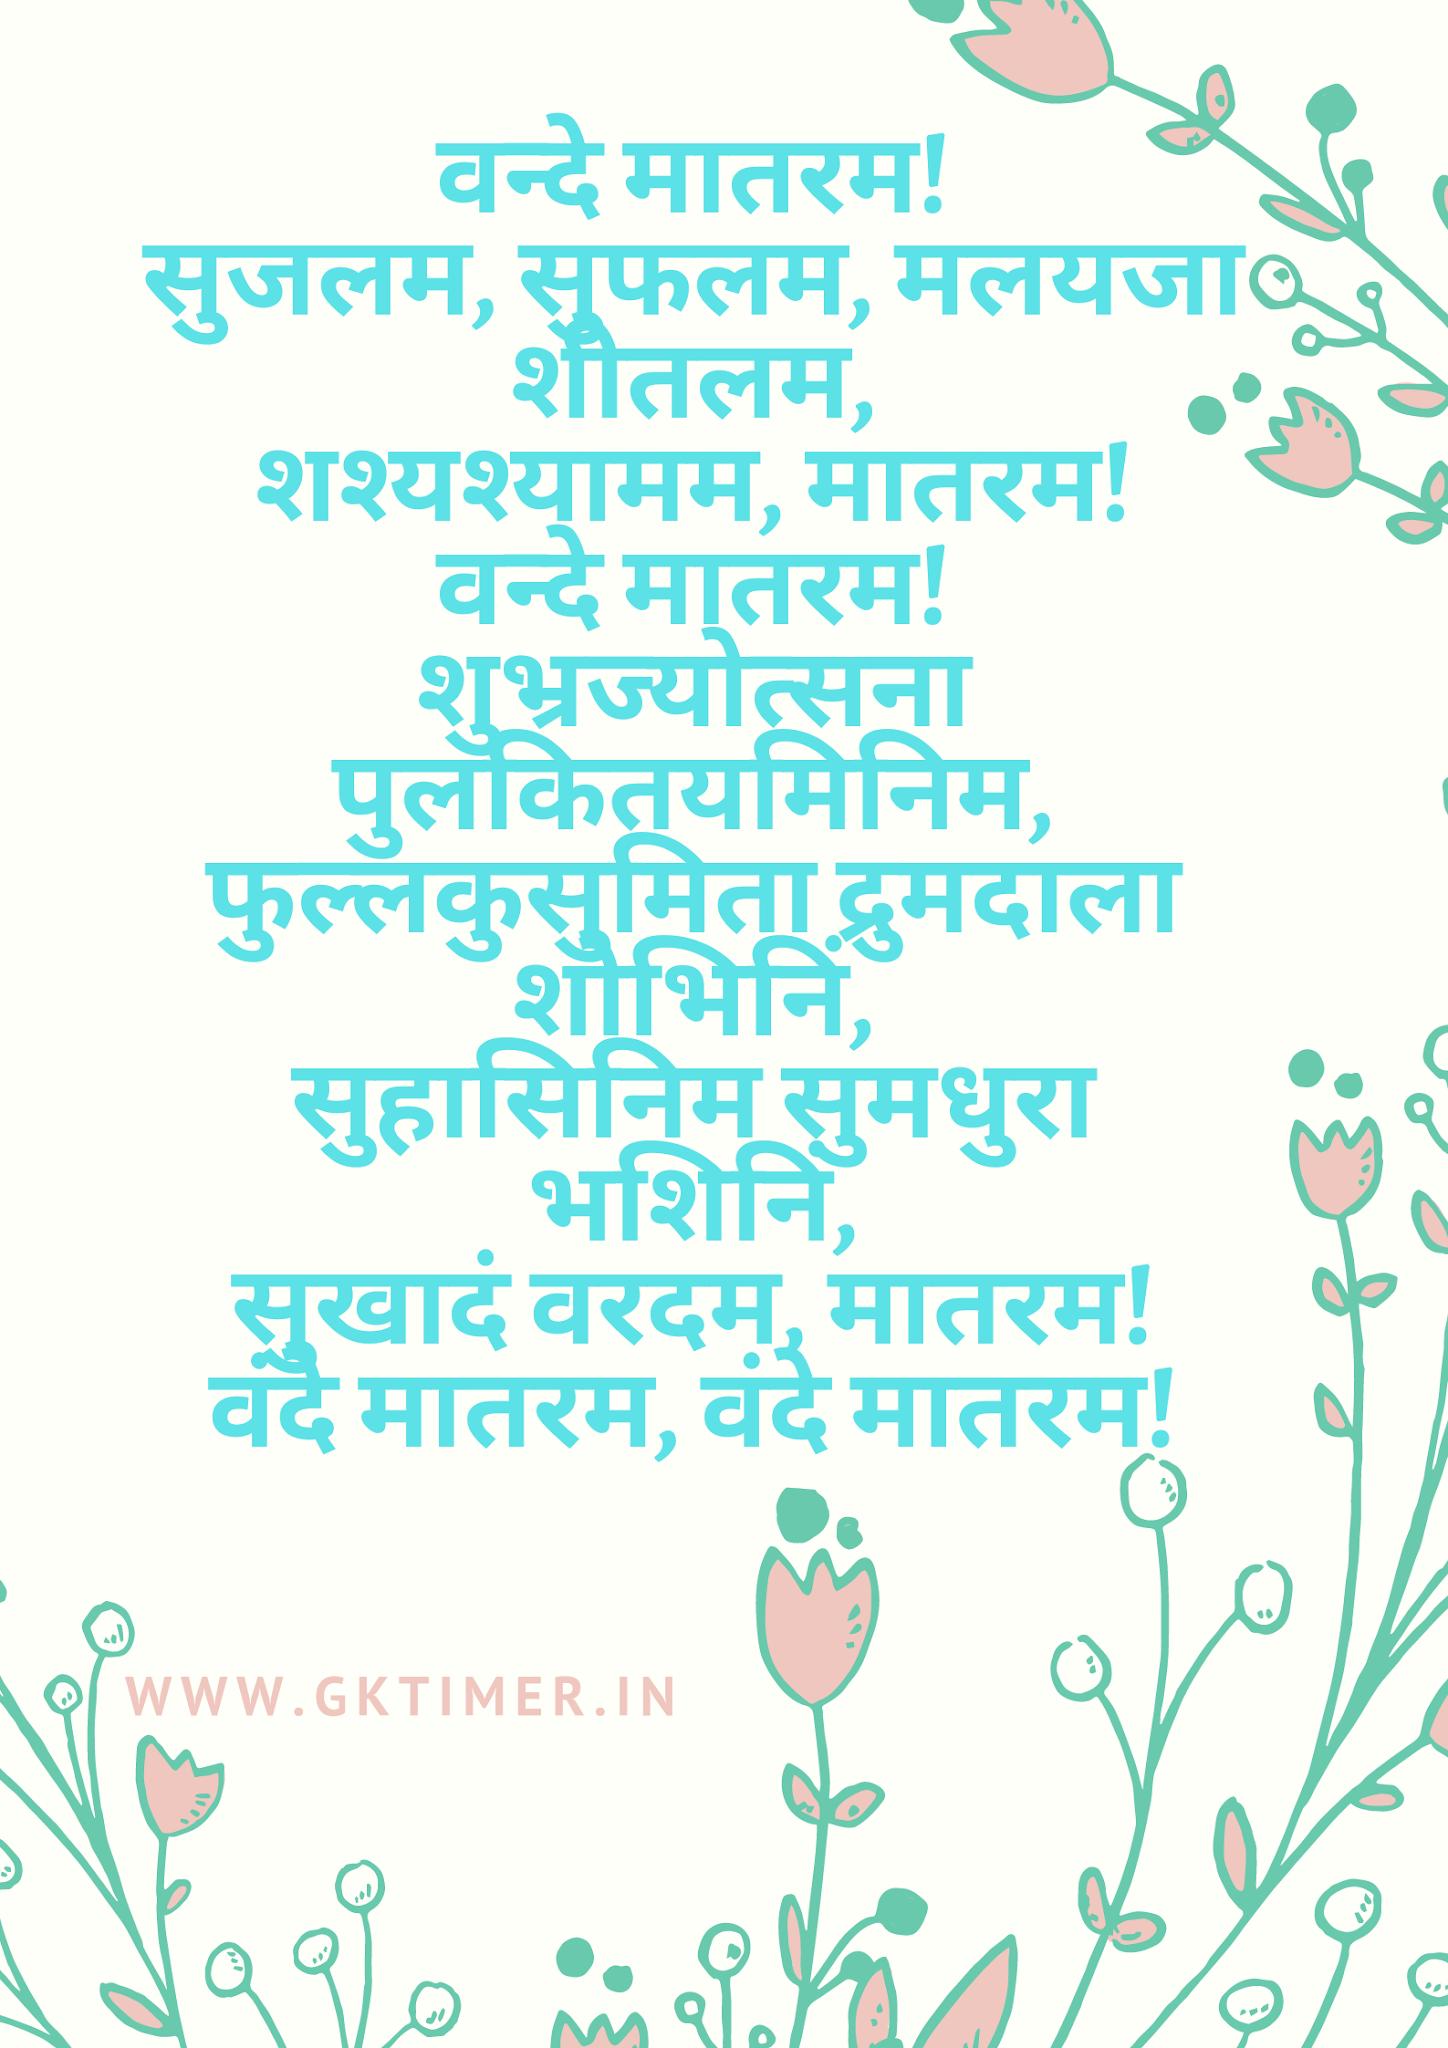 राष्ट्रीय गीत के बारे में 10 पंक्तियाँ   Vande Matram in Hindi : 10 Lines on National Song in Hindi   राष्ट्रीय गीत पर निबंध